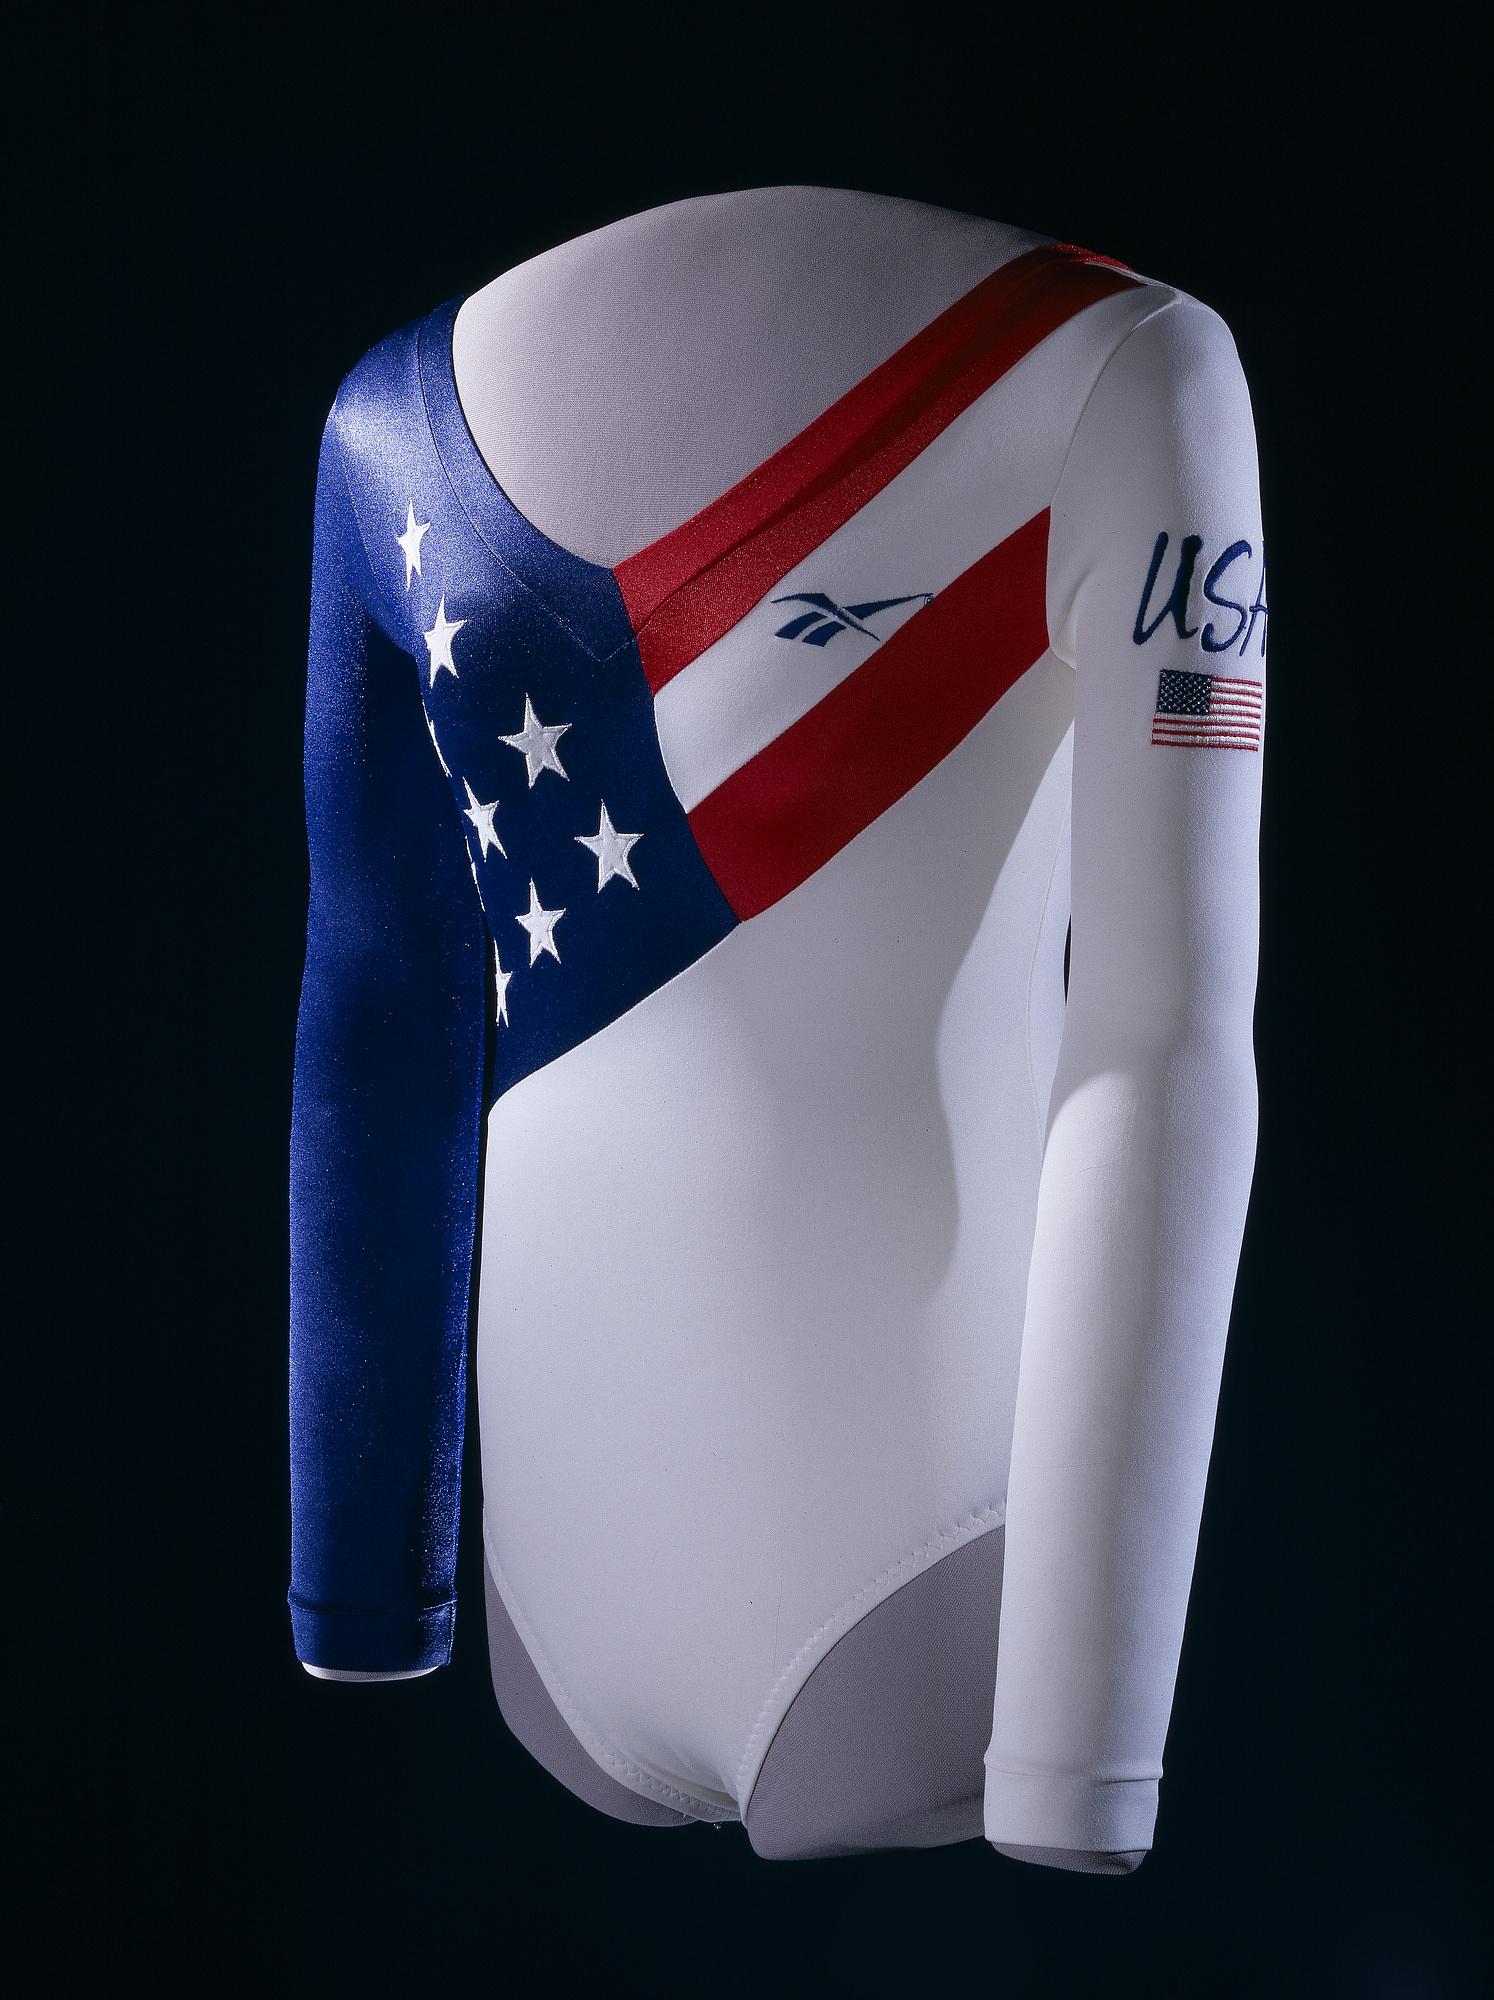 USA gymnastics leotard worn by Dominque Dawes in 1996 Olympics